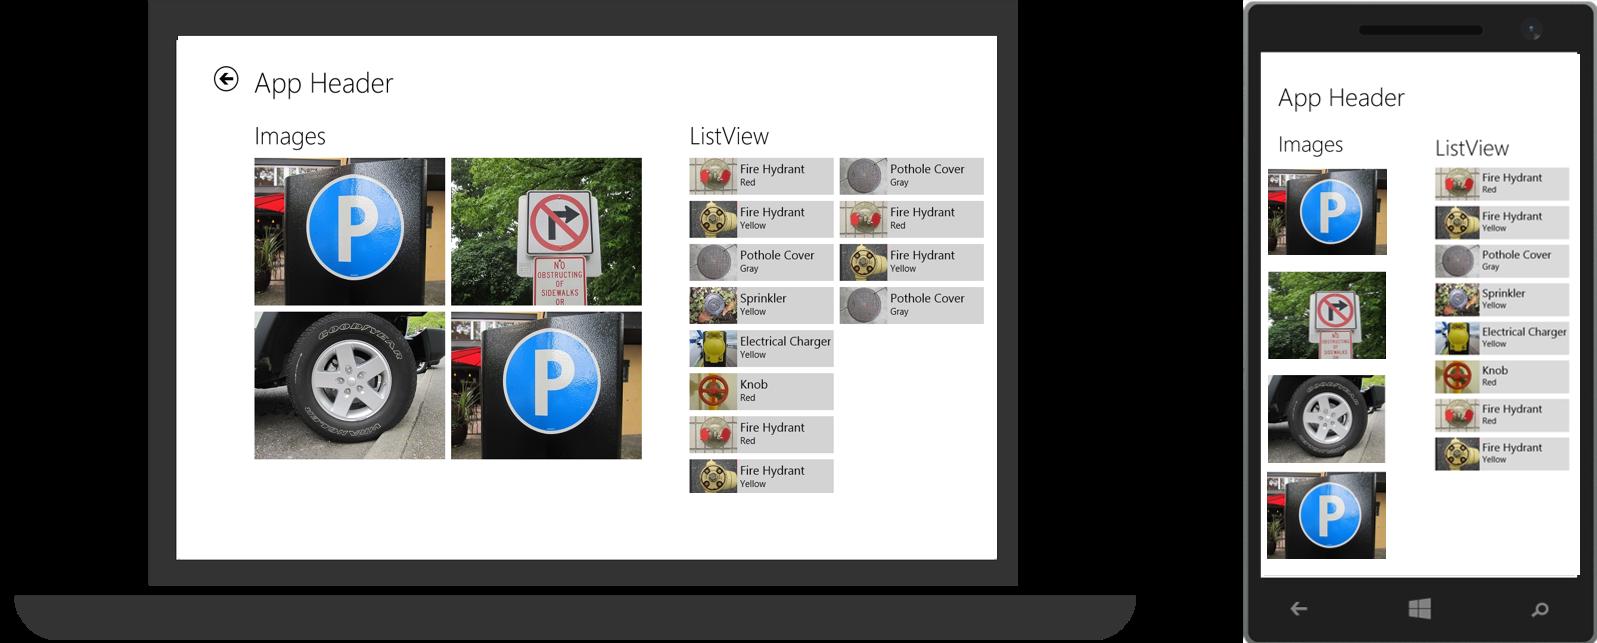 WinJS + универсальные приложения. Изучаем навигацию - 6